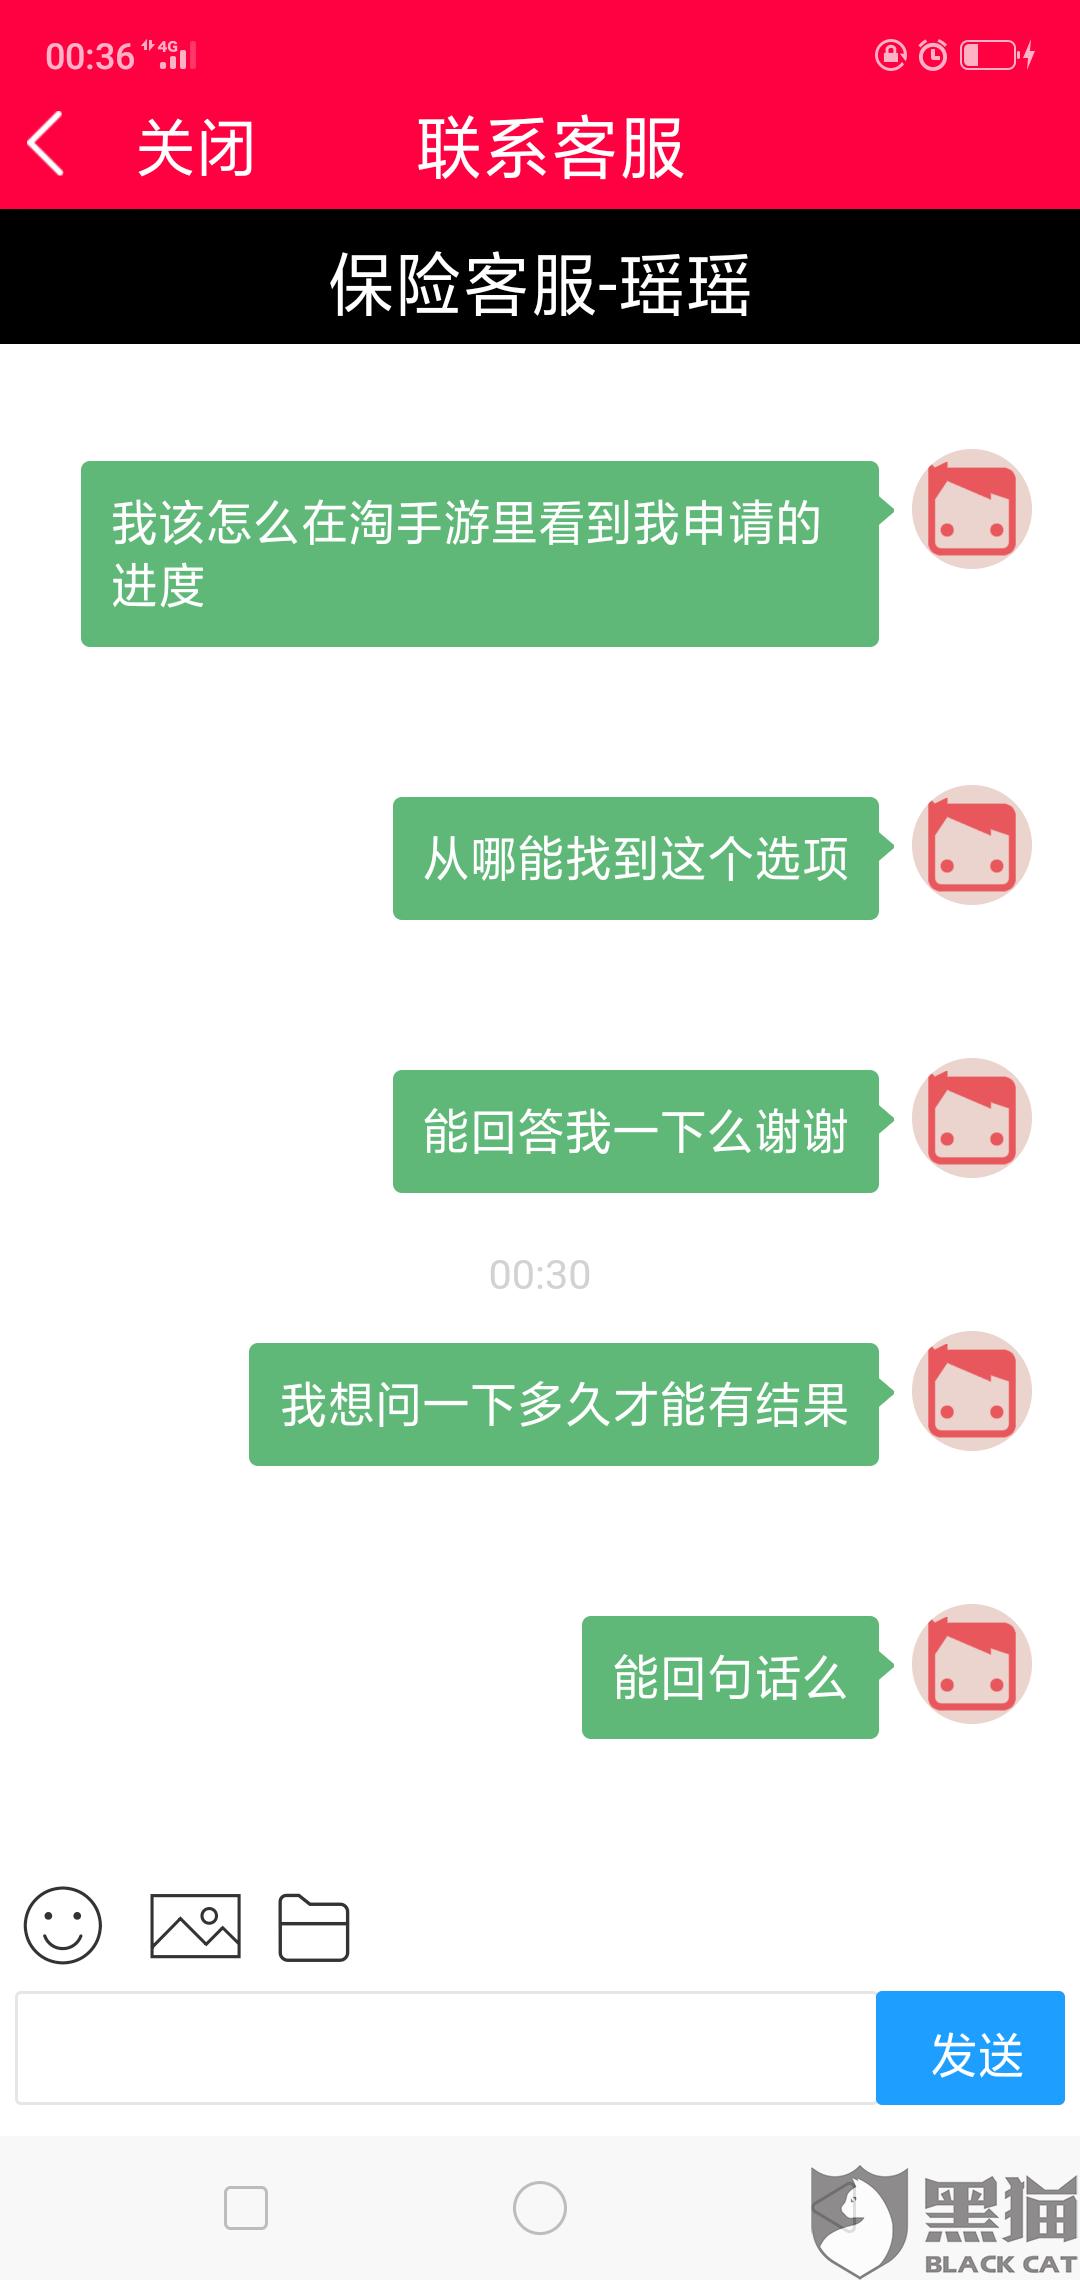 黑猫投诉:卖家找回了QQ号我登录不上去淘手游卖家用户名用户2978***